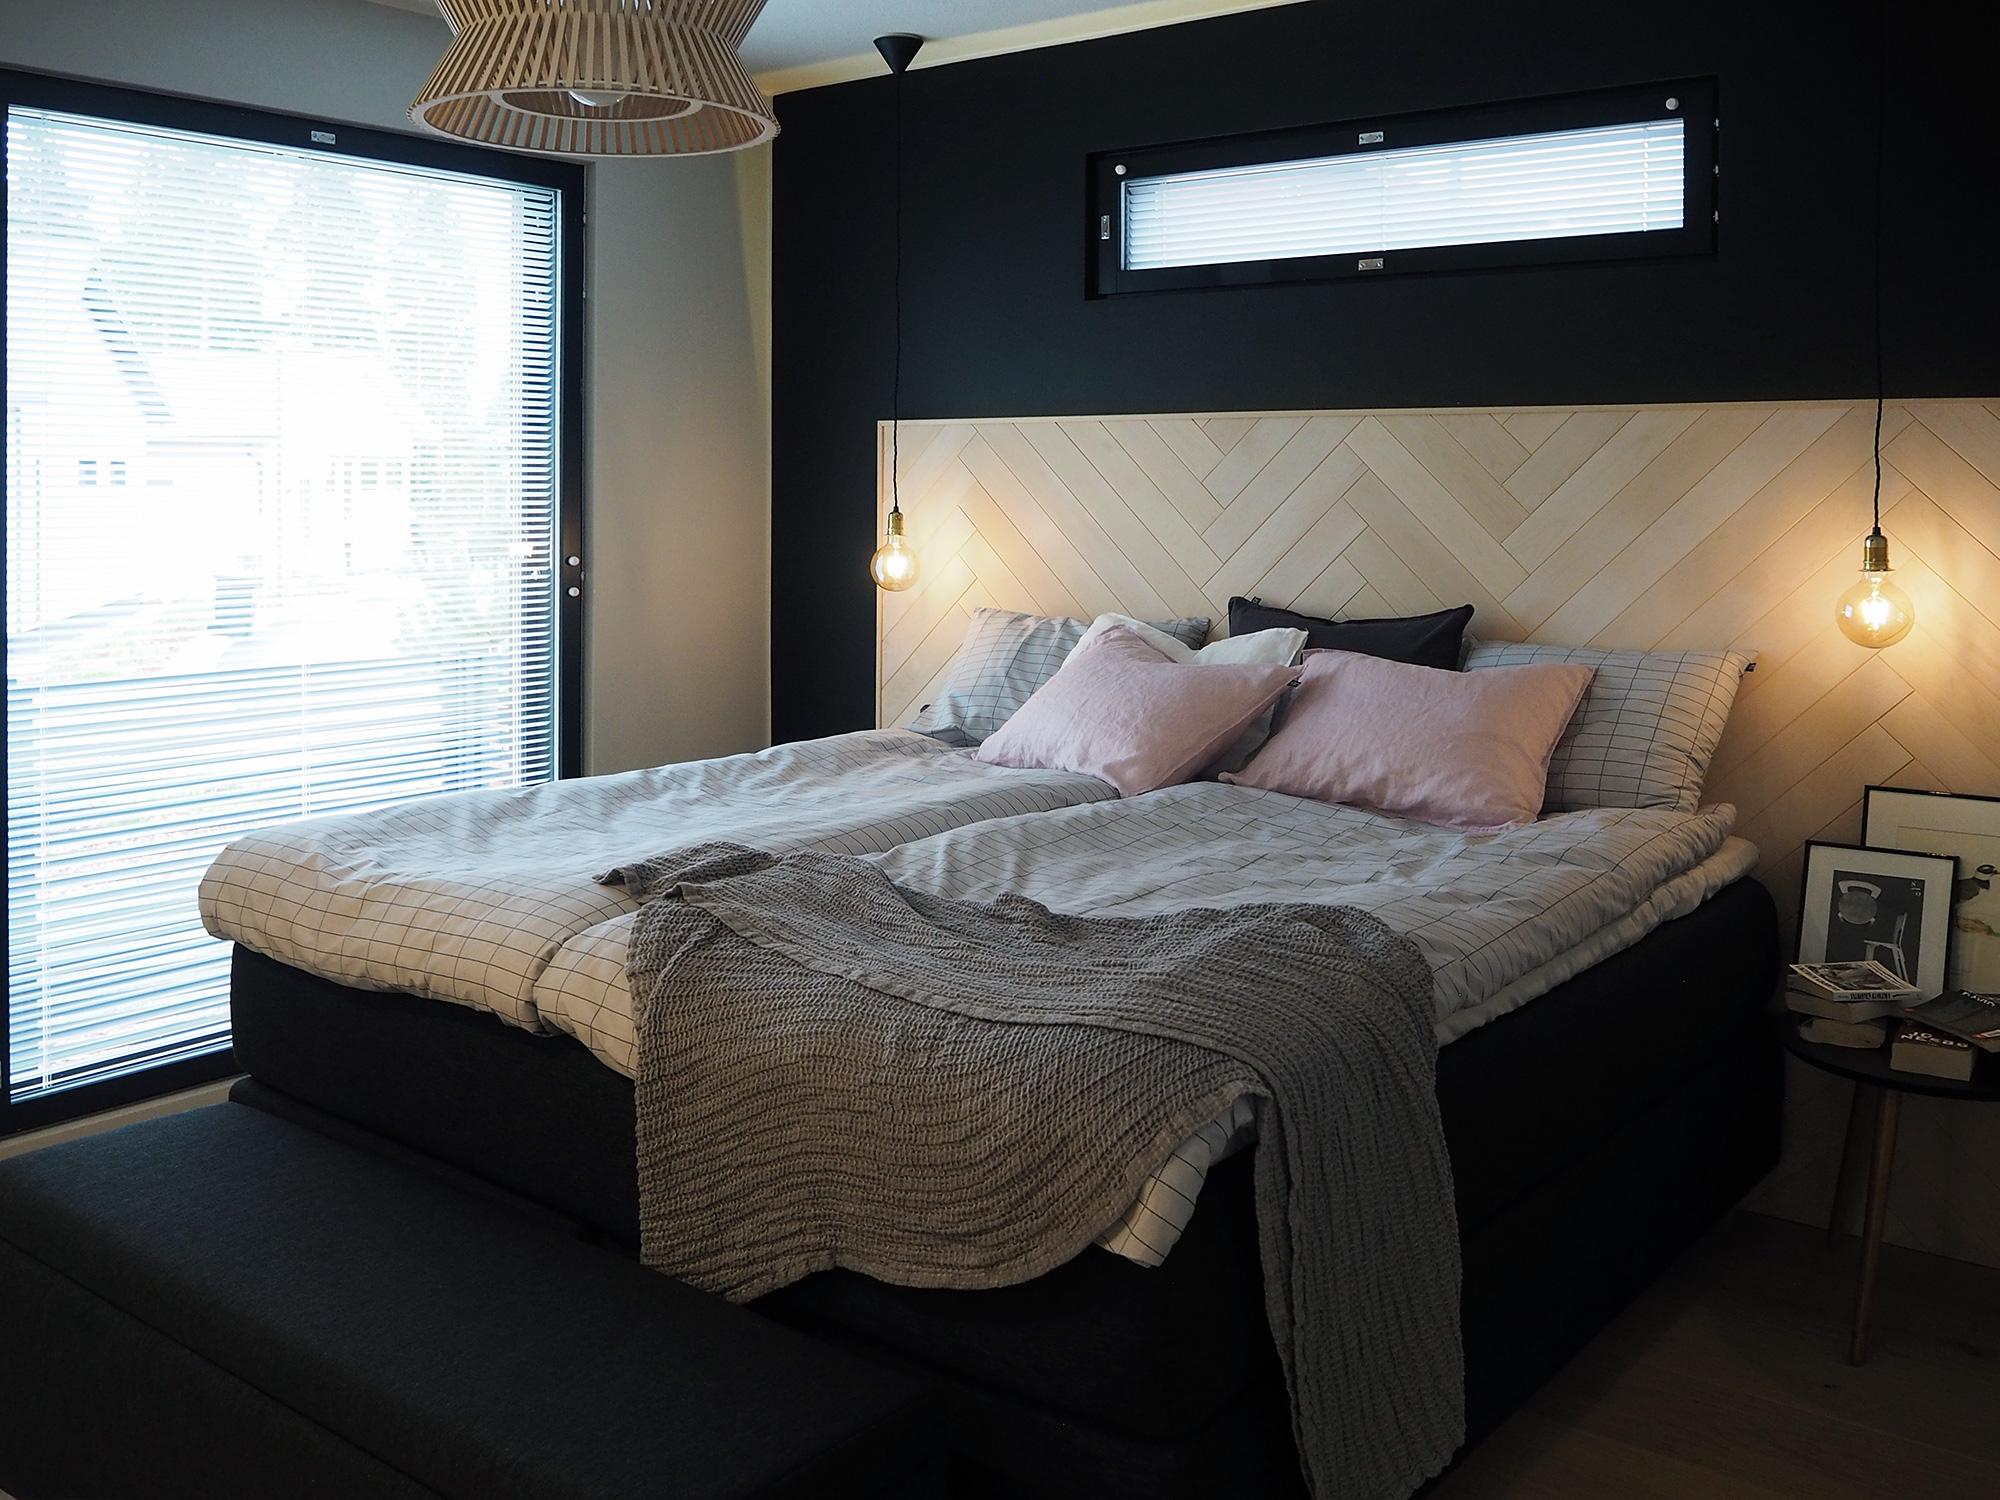 Makuuhuone kohteessa Suola ja pippuri, Asuntomessut 2016